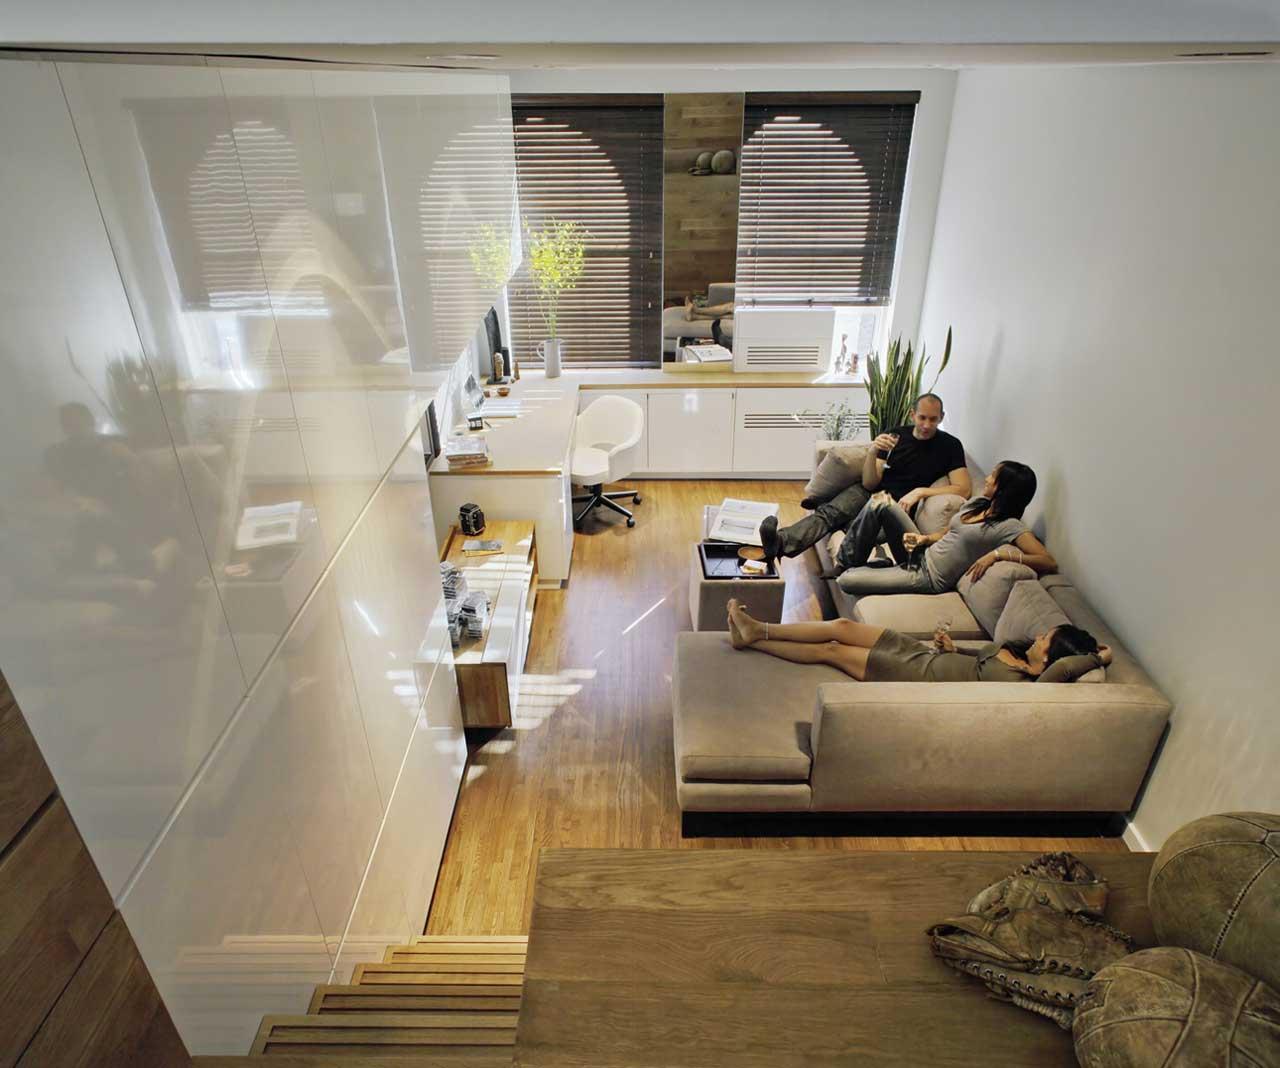 Desain Ruang Keluarga Kecil Sederhana & Desain Ruang Keluarga Kecil Sederhana - Desain Rumah Minimalis